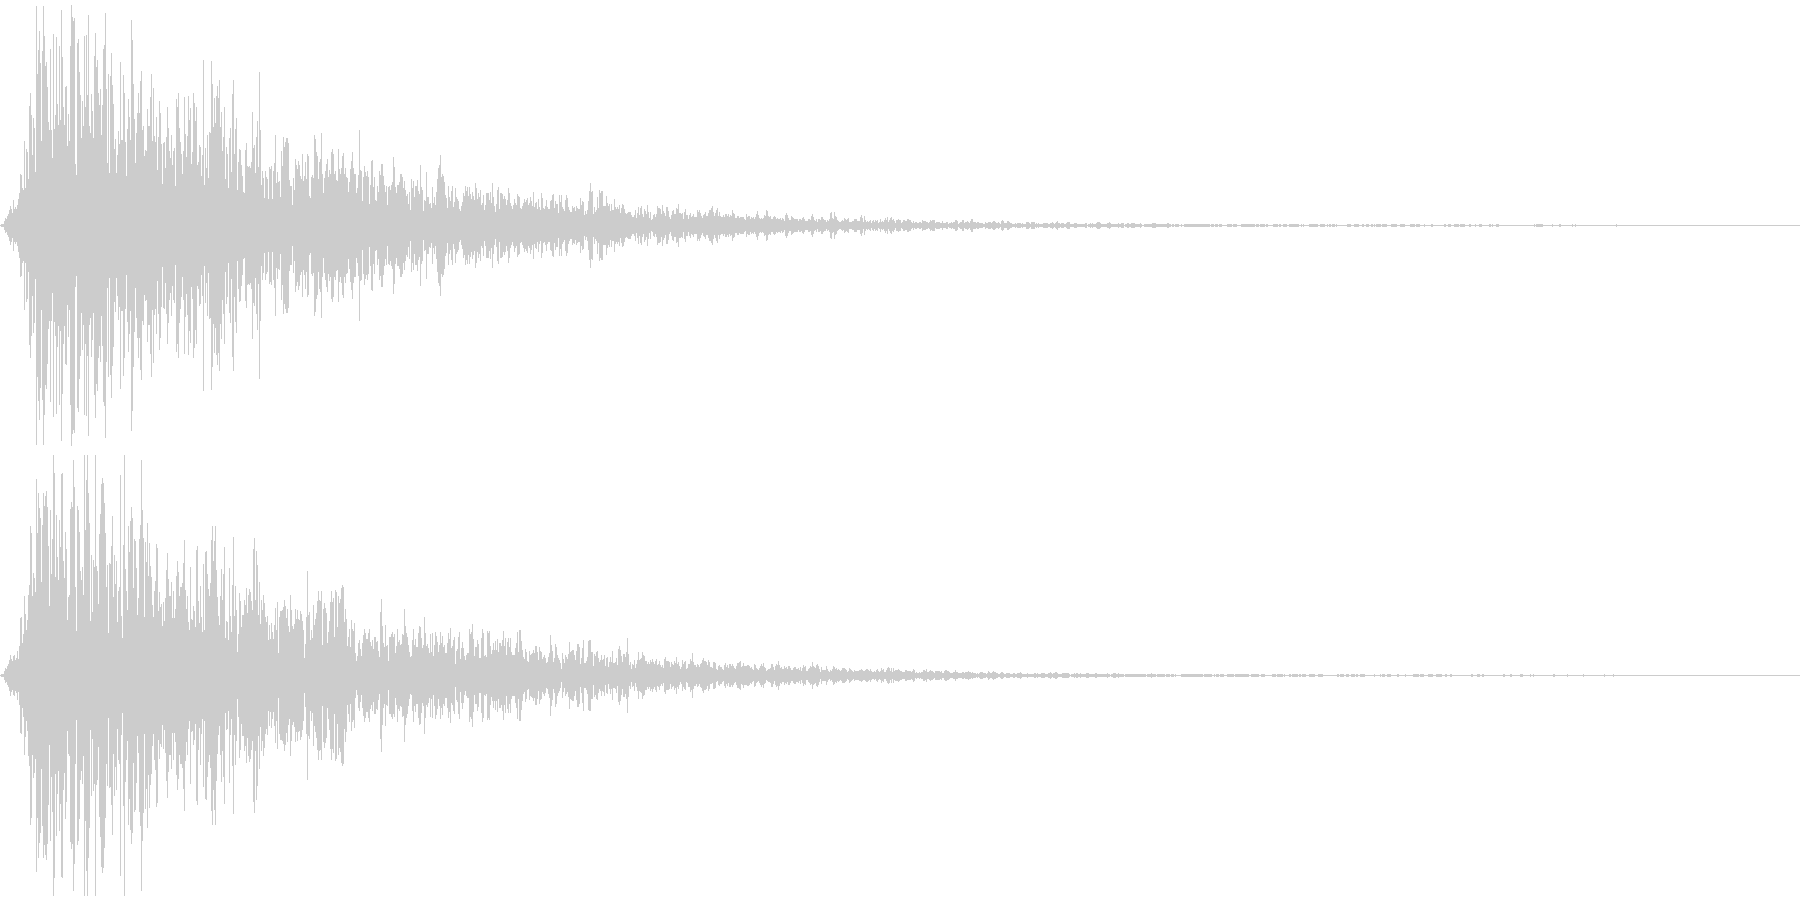 ボーーッ ヒョーーッ 長めの炎 火炎放射の未再生の波形